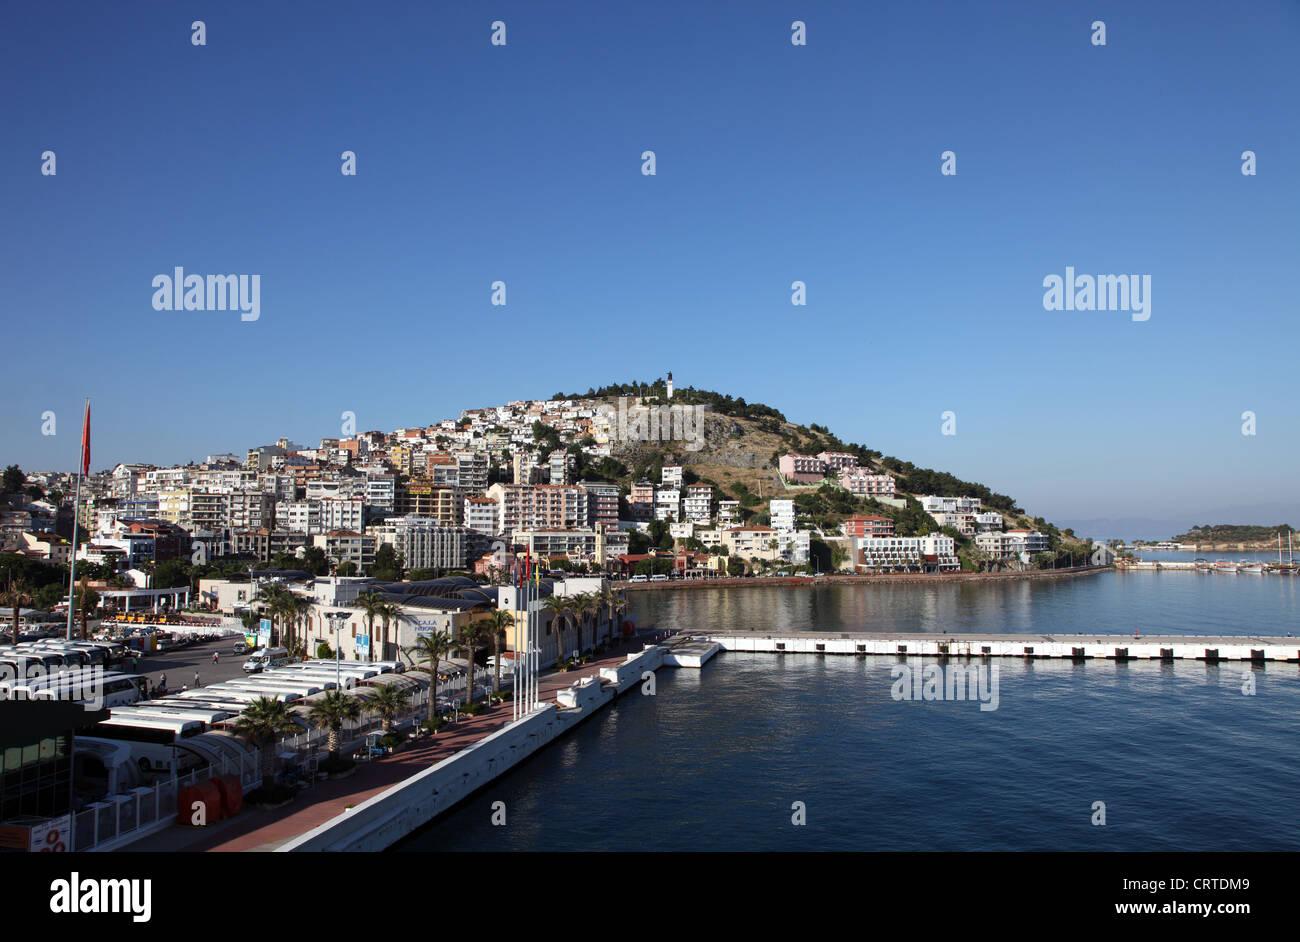 Kusadasi Port, Turkey, Asia Minor - Stock Image